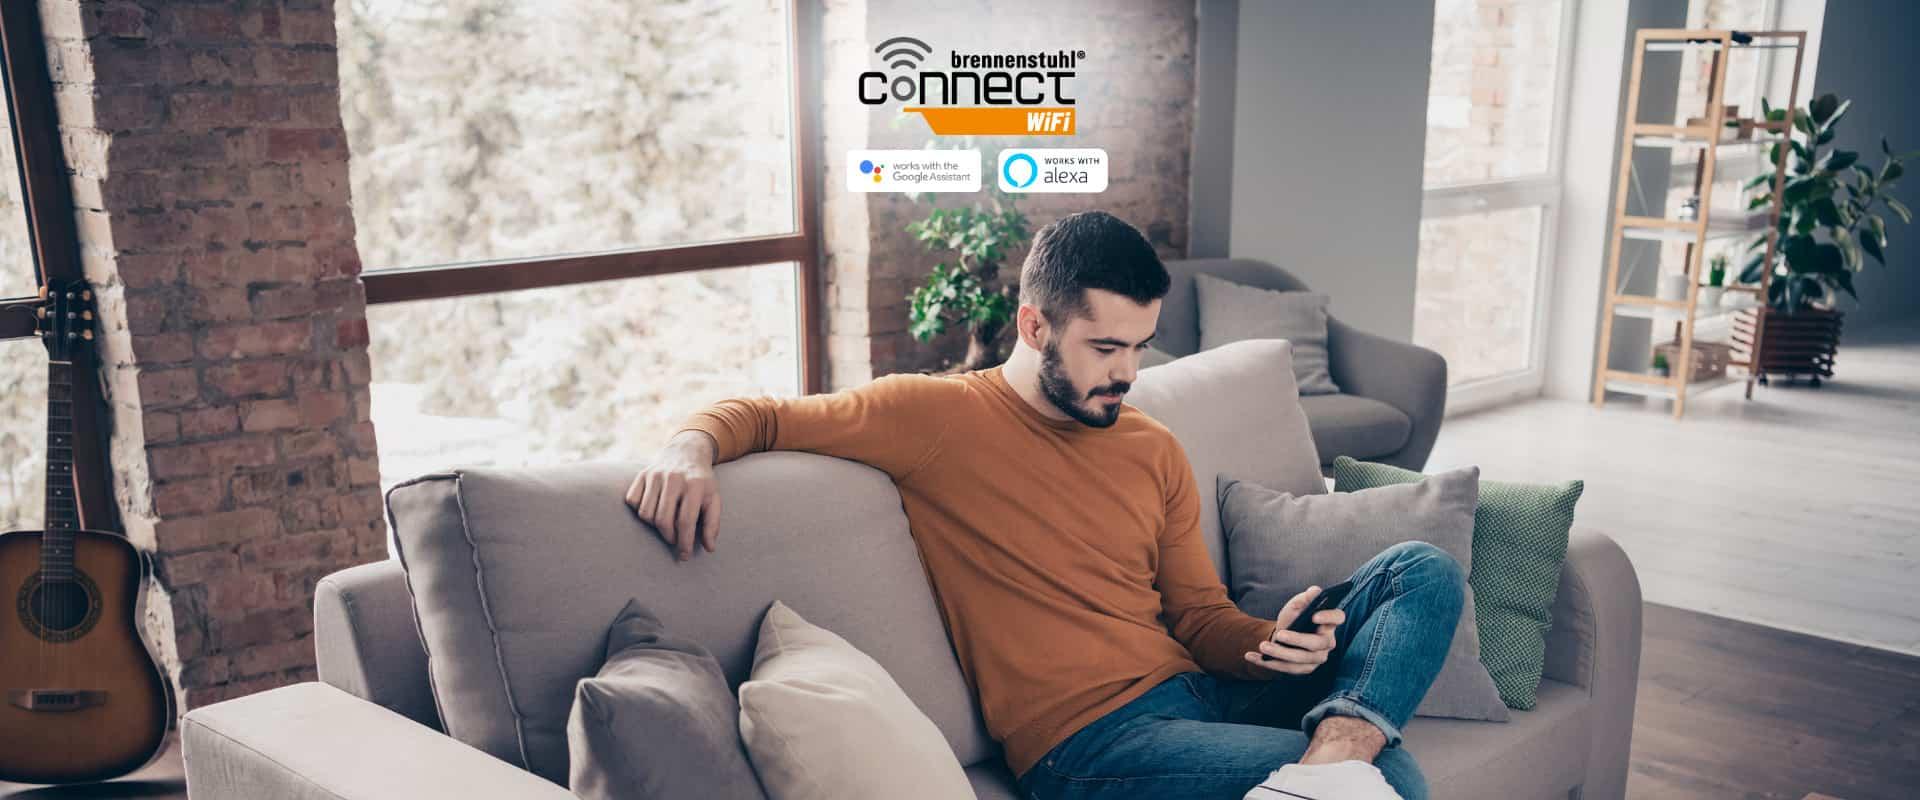 brennenstuhlConnect - Die WiFi Steckdosen von brennenstuhl